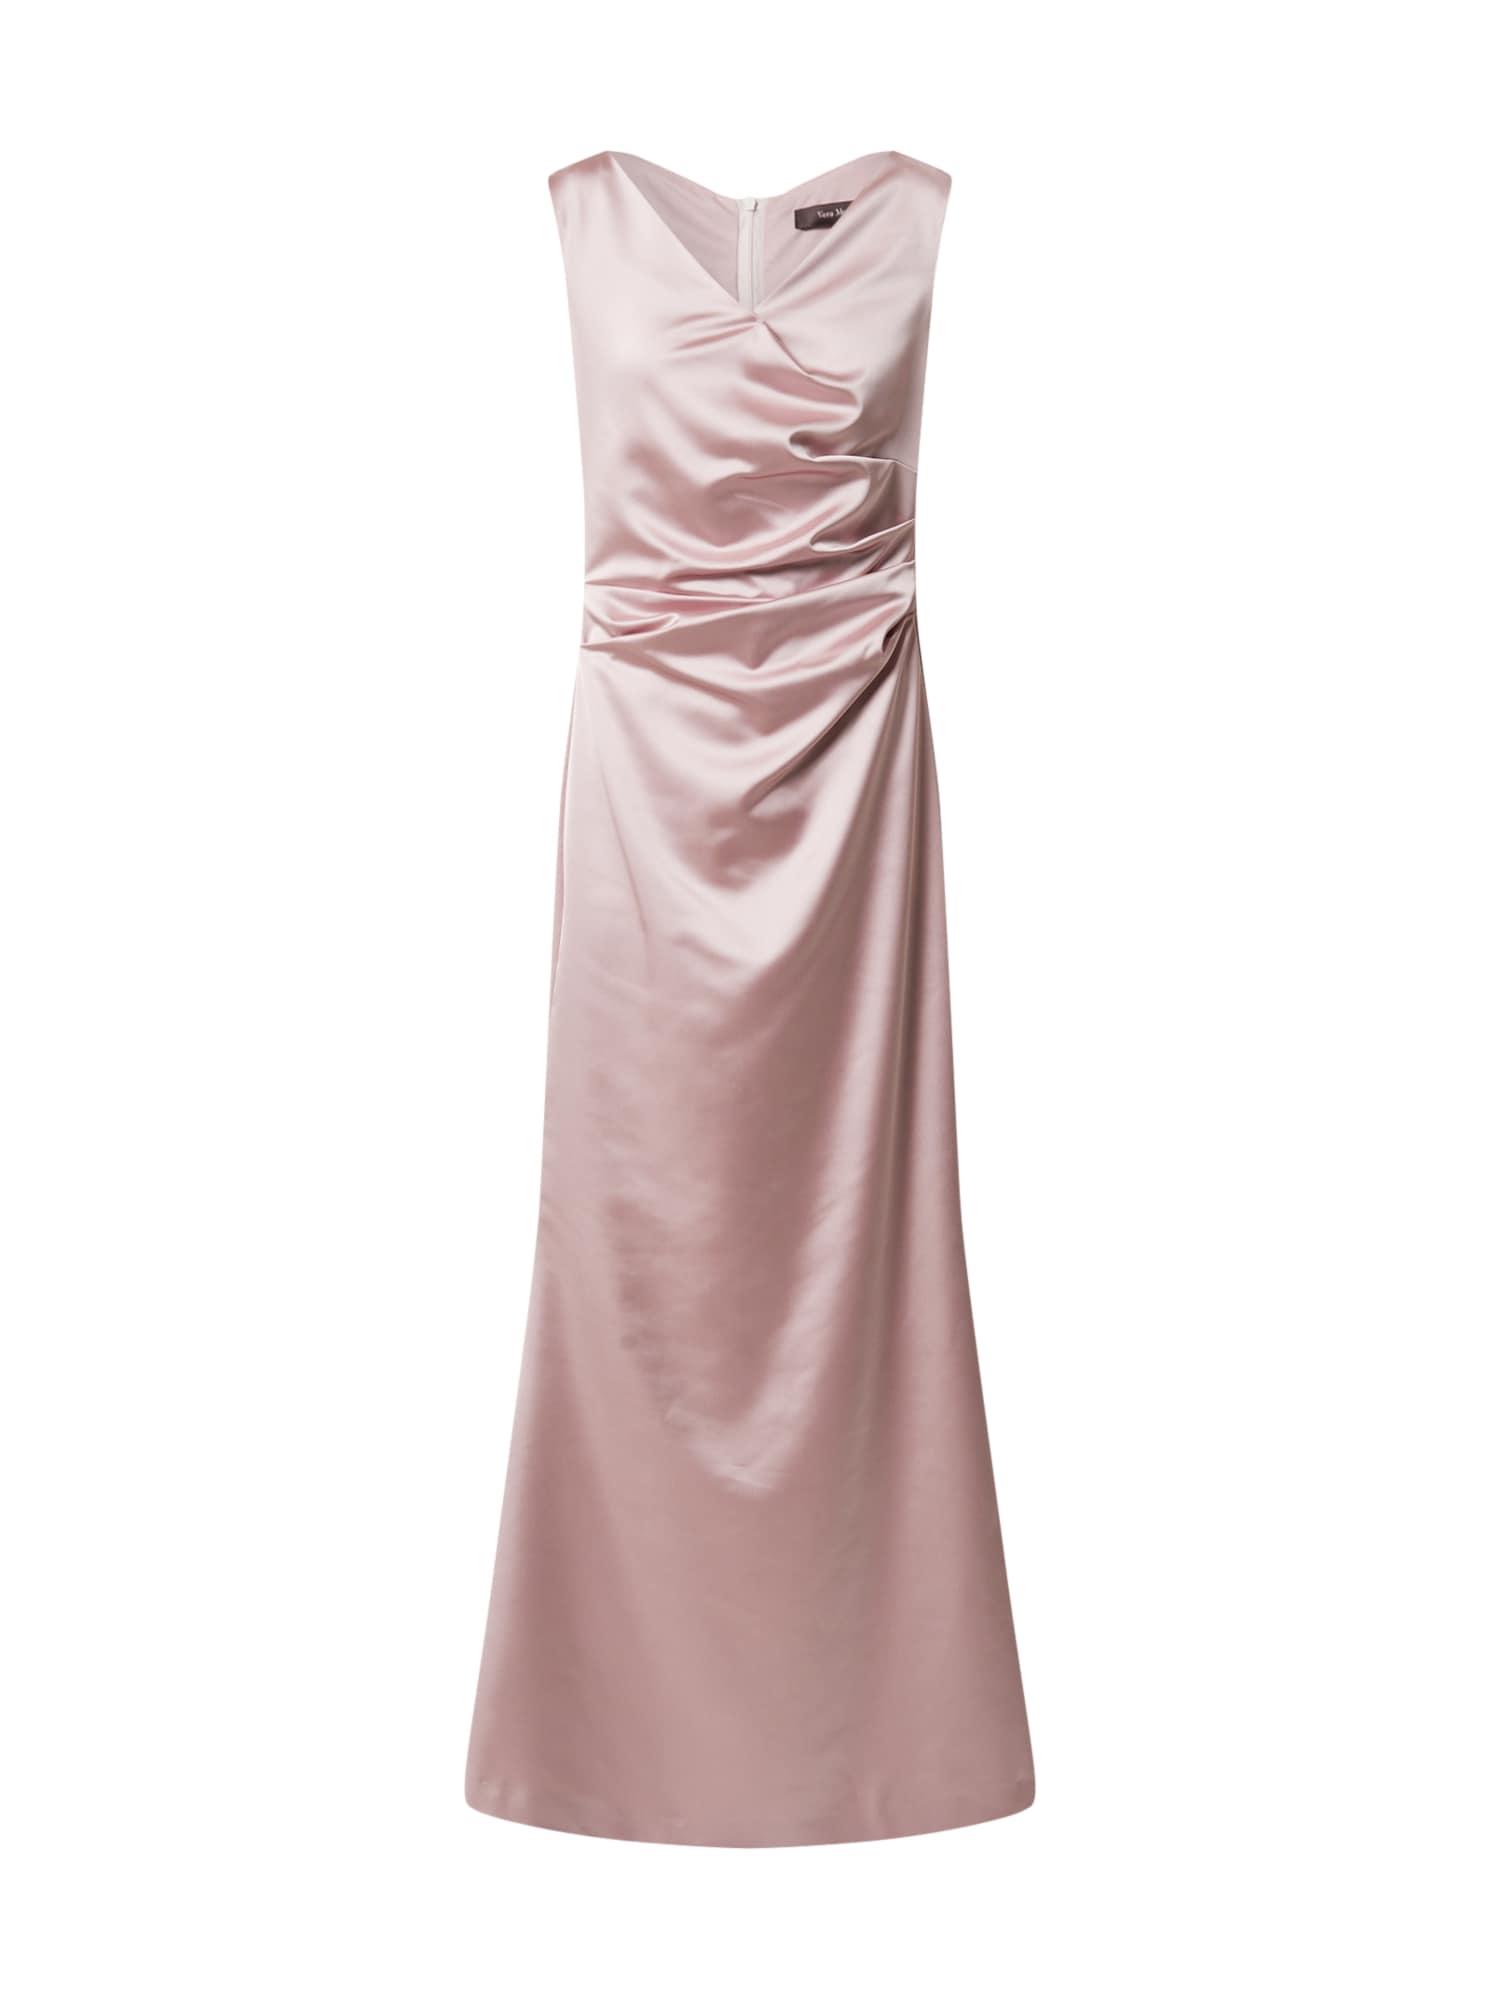 Vera Mont Vakarinė suknelė ryškiai rožinė spalva